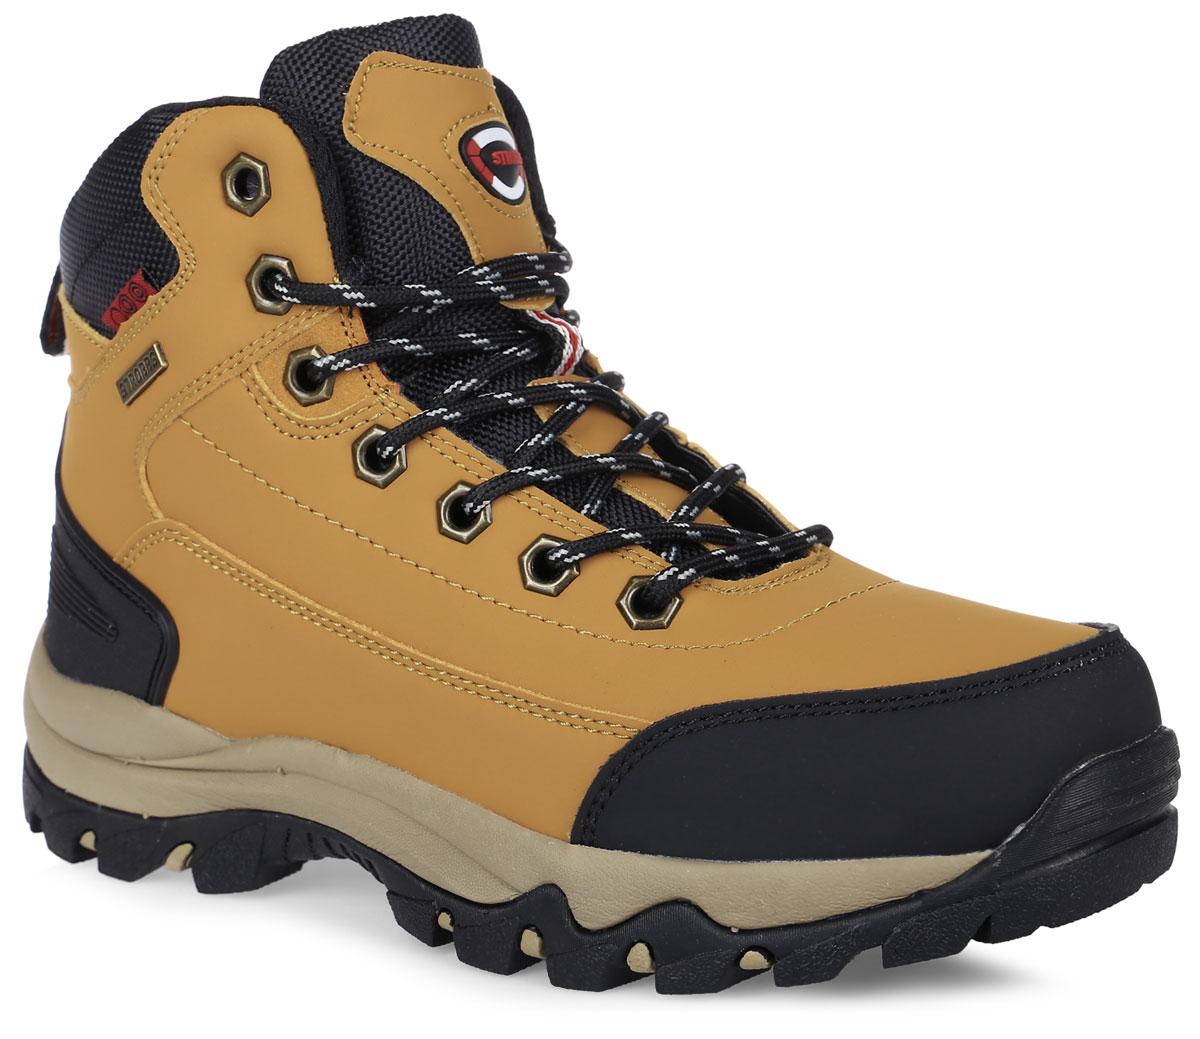 БотинкиF8165-1Стильные ботинки от Strobbs придутся вам по душе. Модель изготовлена из искусственной кожи. Подкладка и стелька, выполненные из искусственного меха, не дадут ногам замерзнуть. Шнуровка надежно фиксирует модель на ноге. Ярлычок на заднике обеспечивает удобное обувание модели. Подошва с протектором гарантирует идеальное сцепление на любой поверхности. Стильные и удобные ботинки - необходимая вещь в вашем гардеробе.